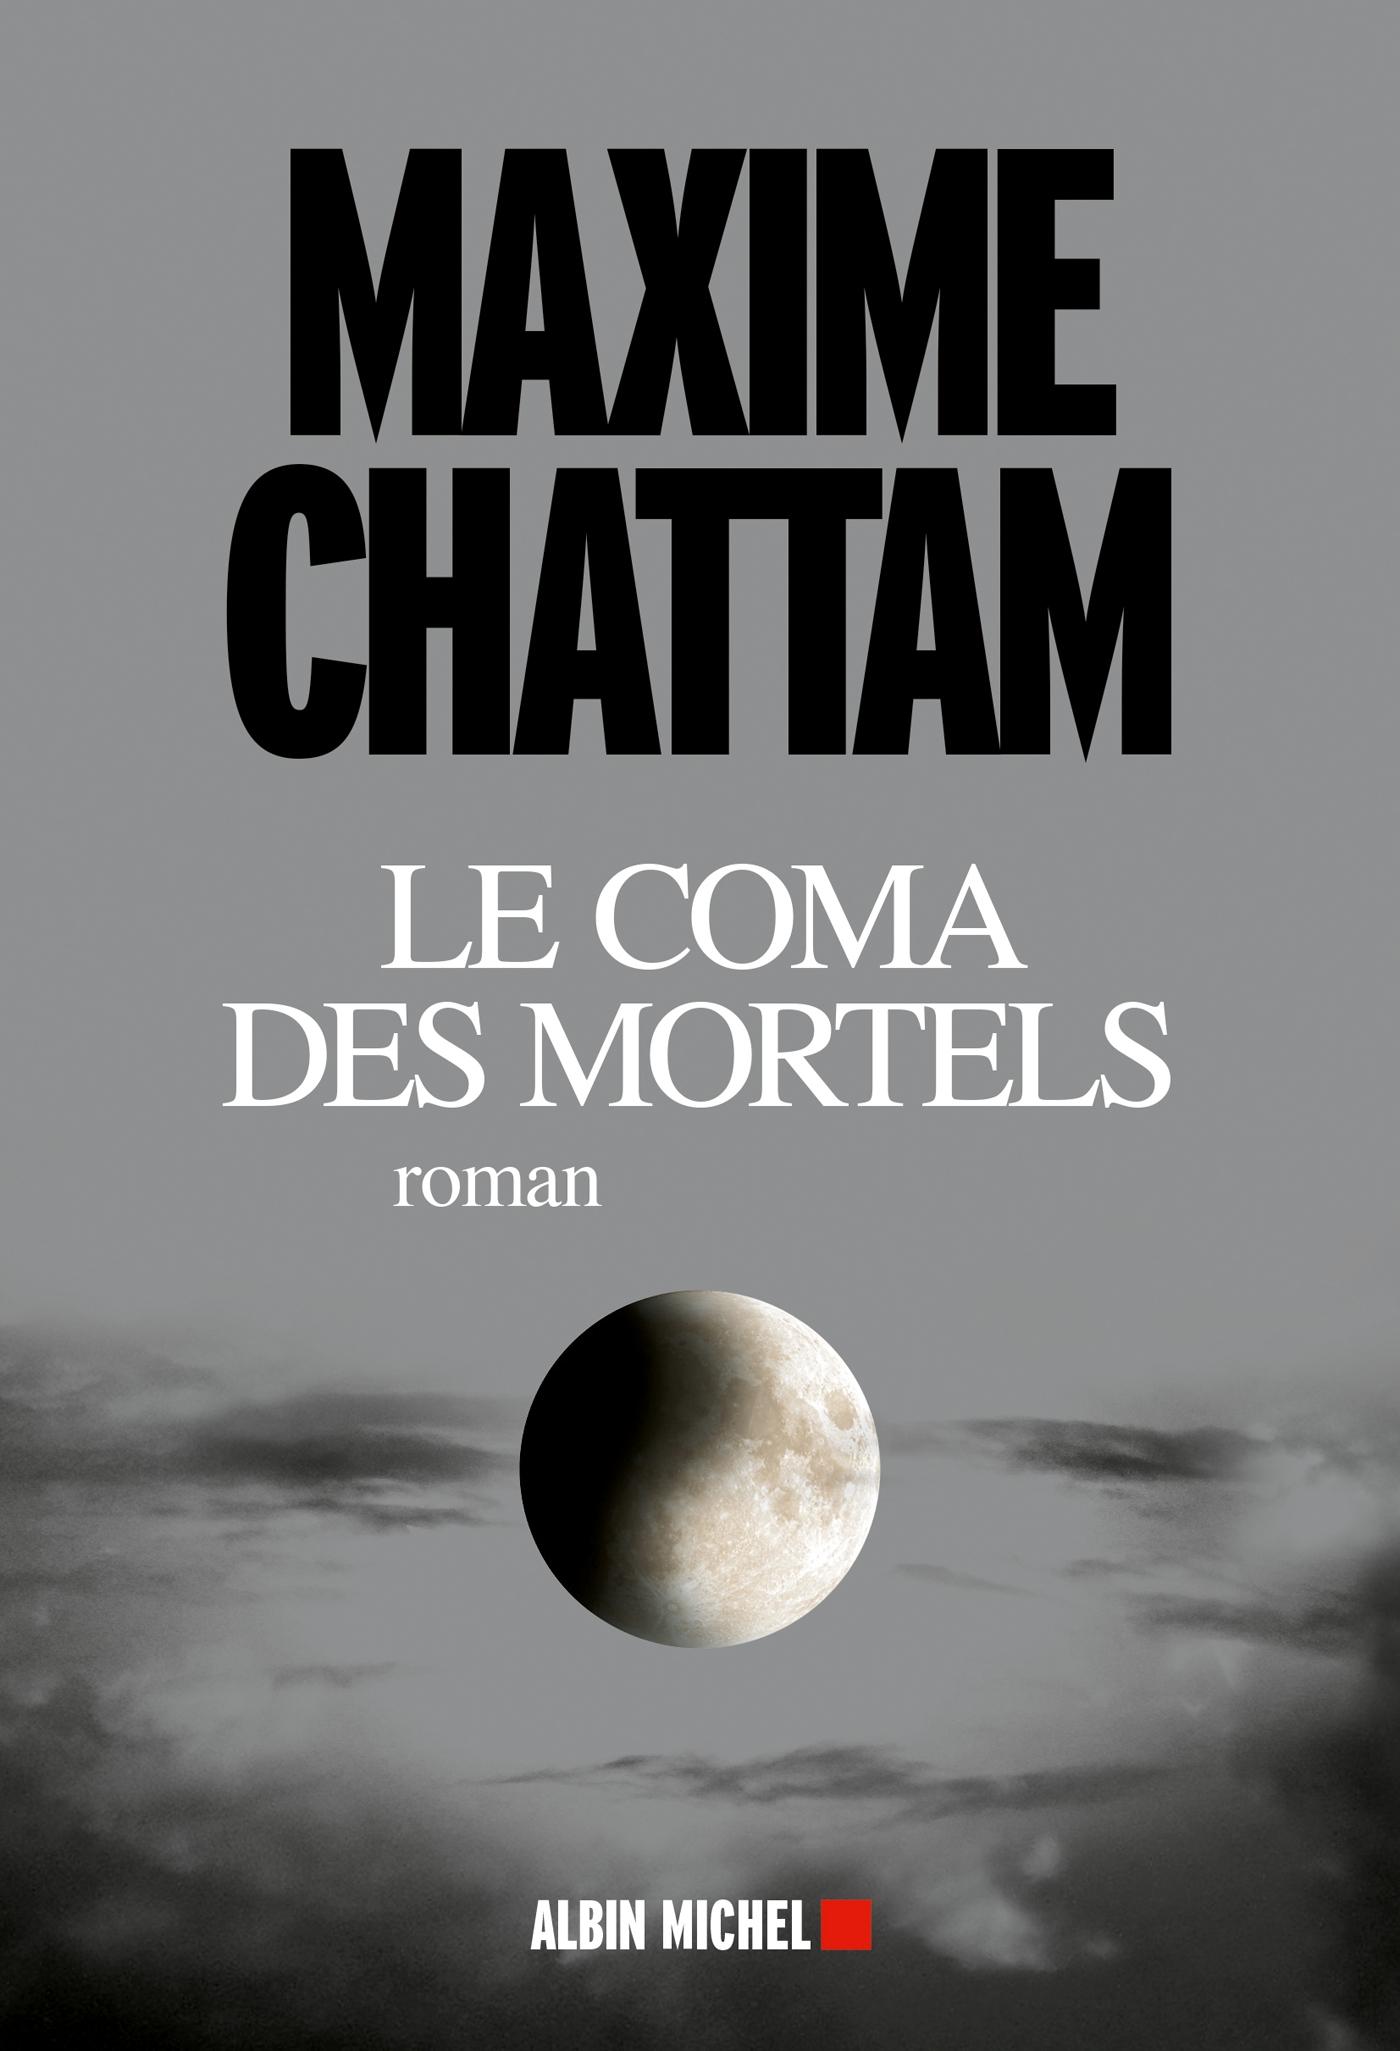 Le Coma des mortels | Chattam, Maxime. Auteur